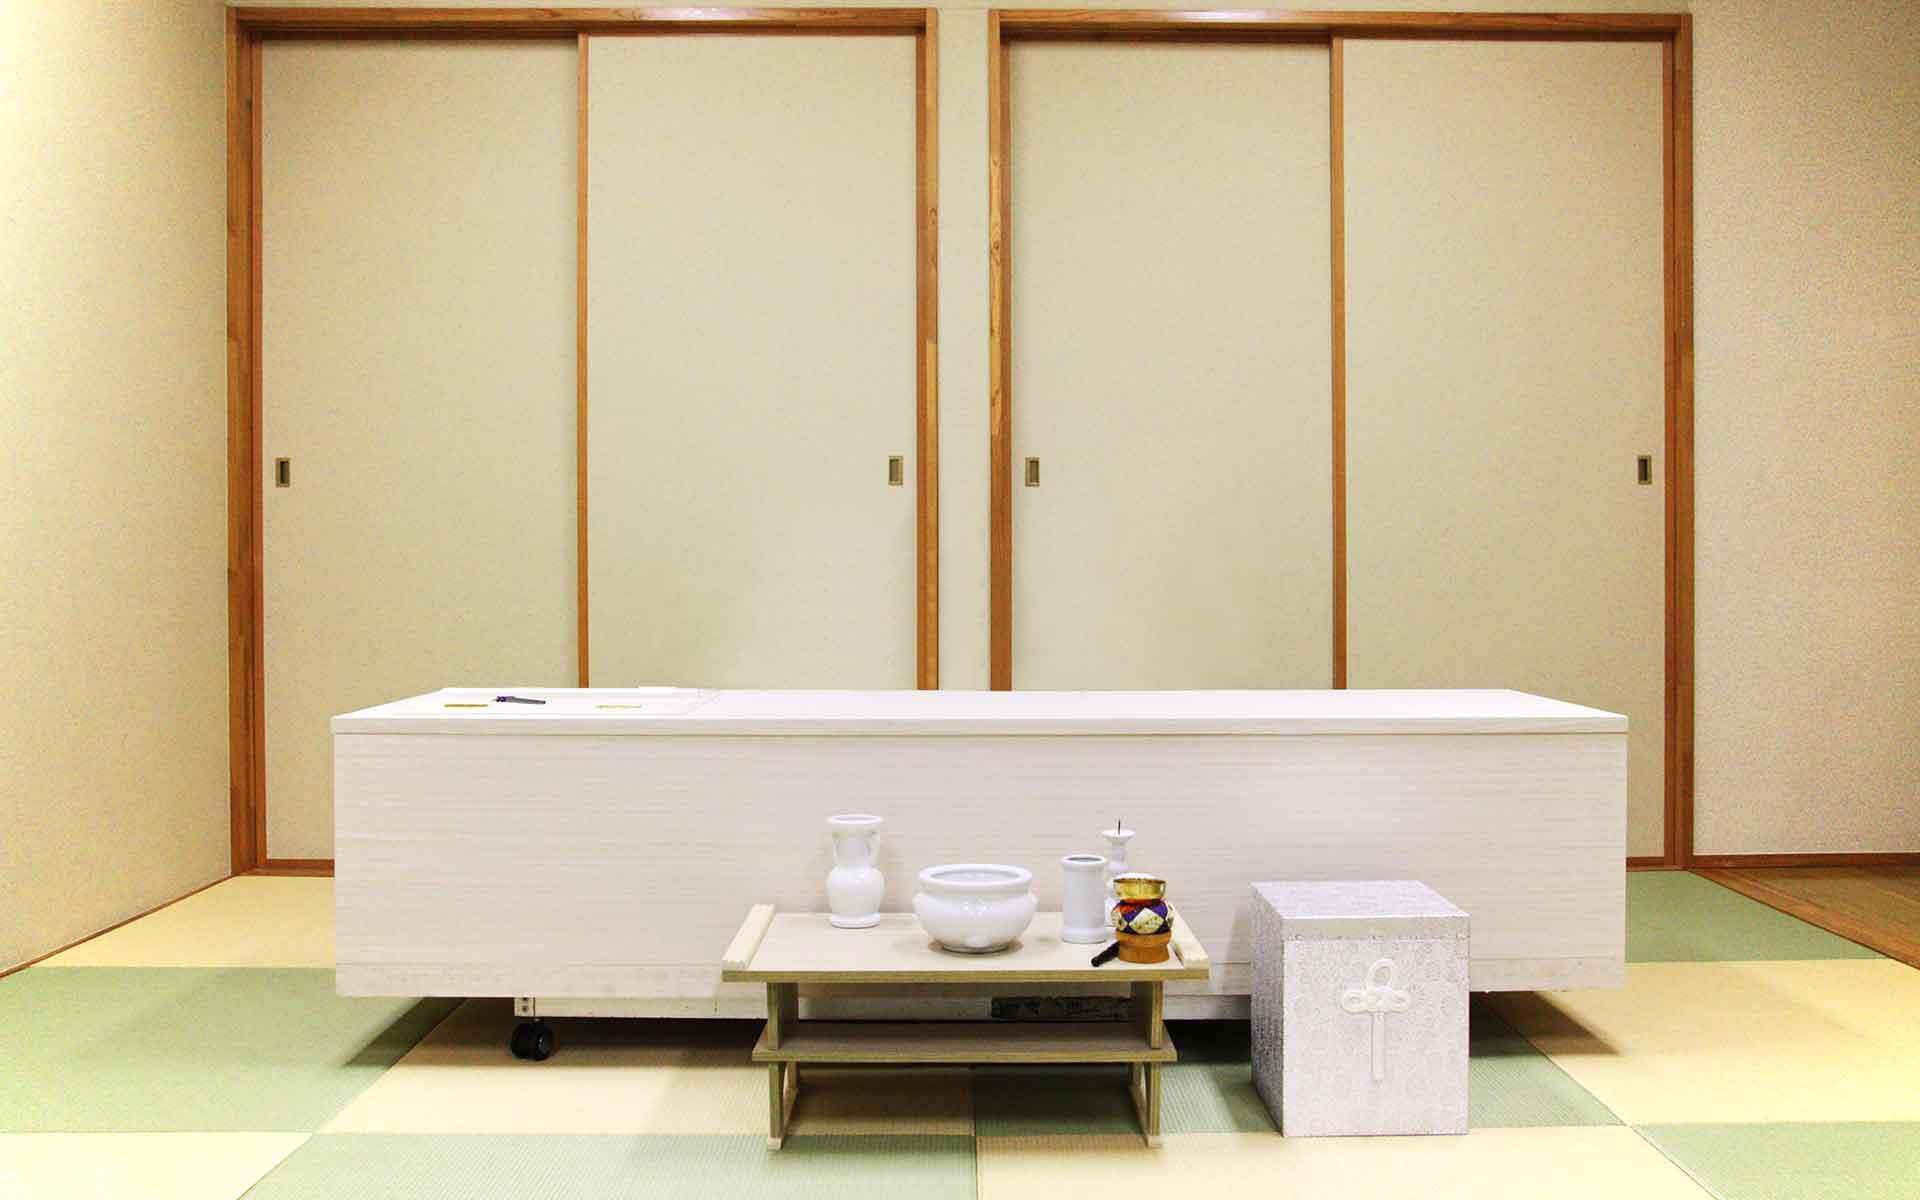 宇都宮市 生活保護の葬儀(福祉葬)